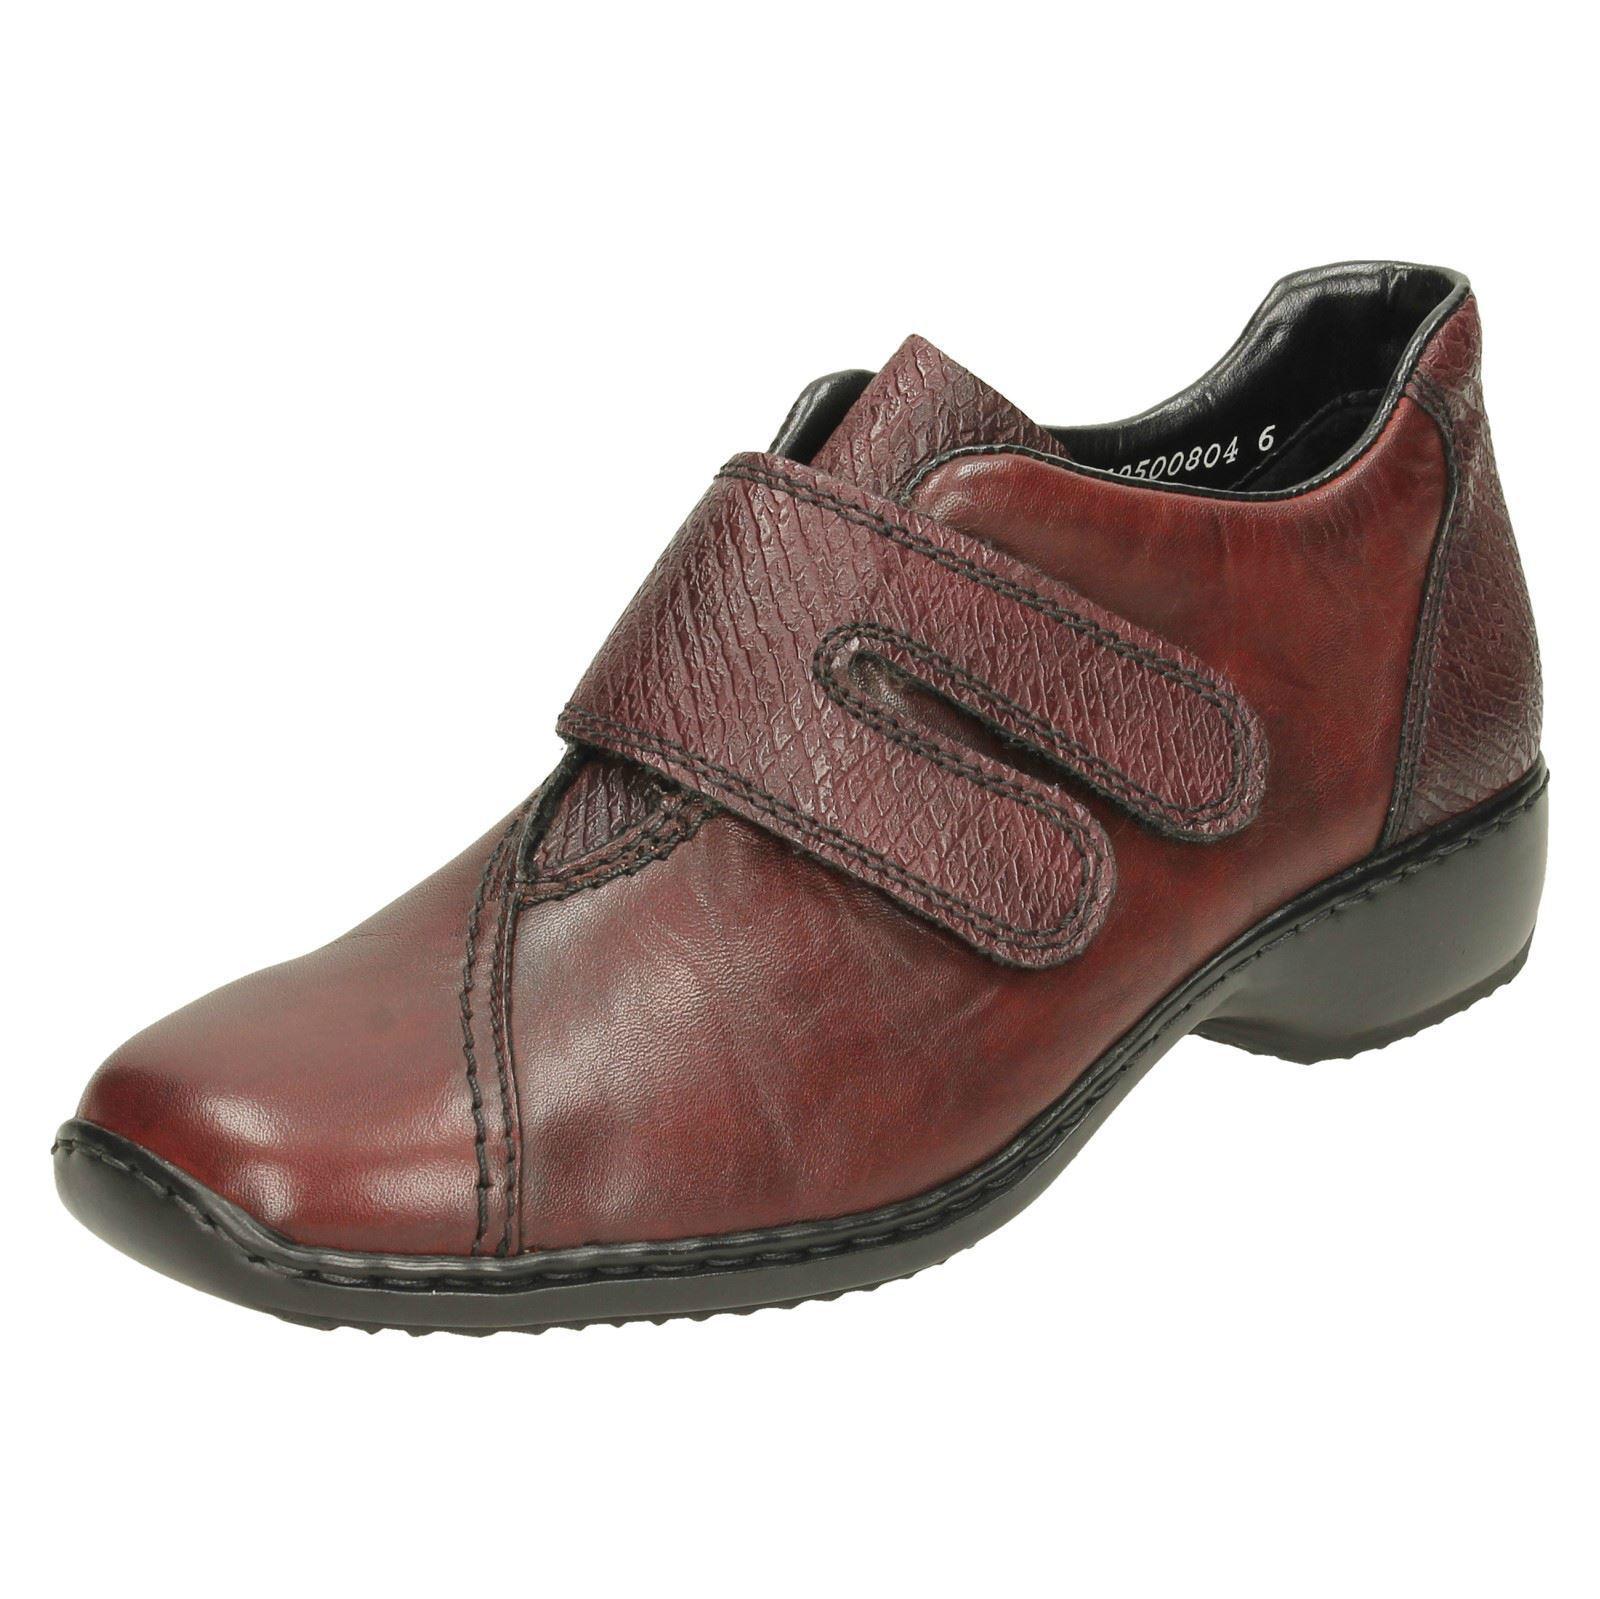 Femmes Cuir Rouge Riptape Anti Stress Rieker Chaussures Décontractées L3856